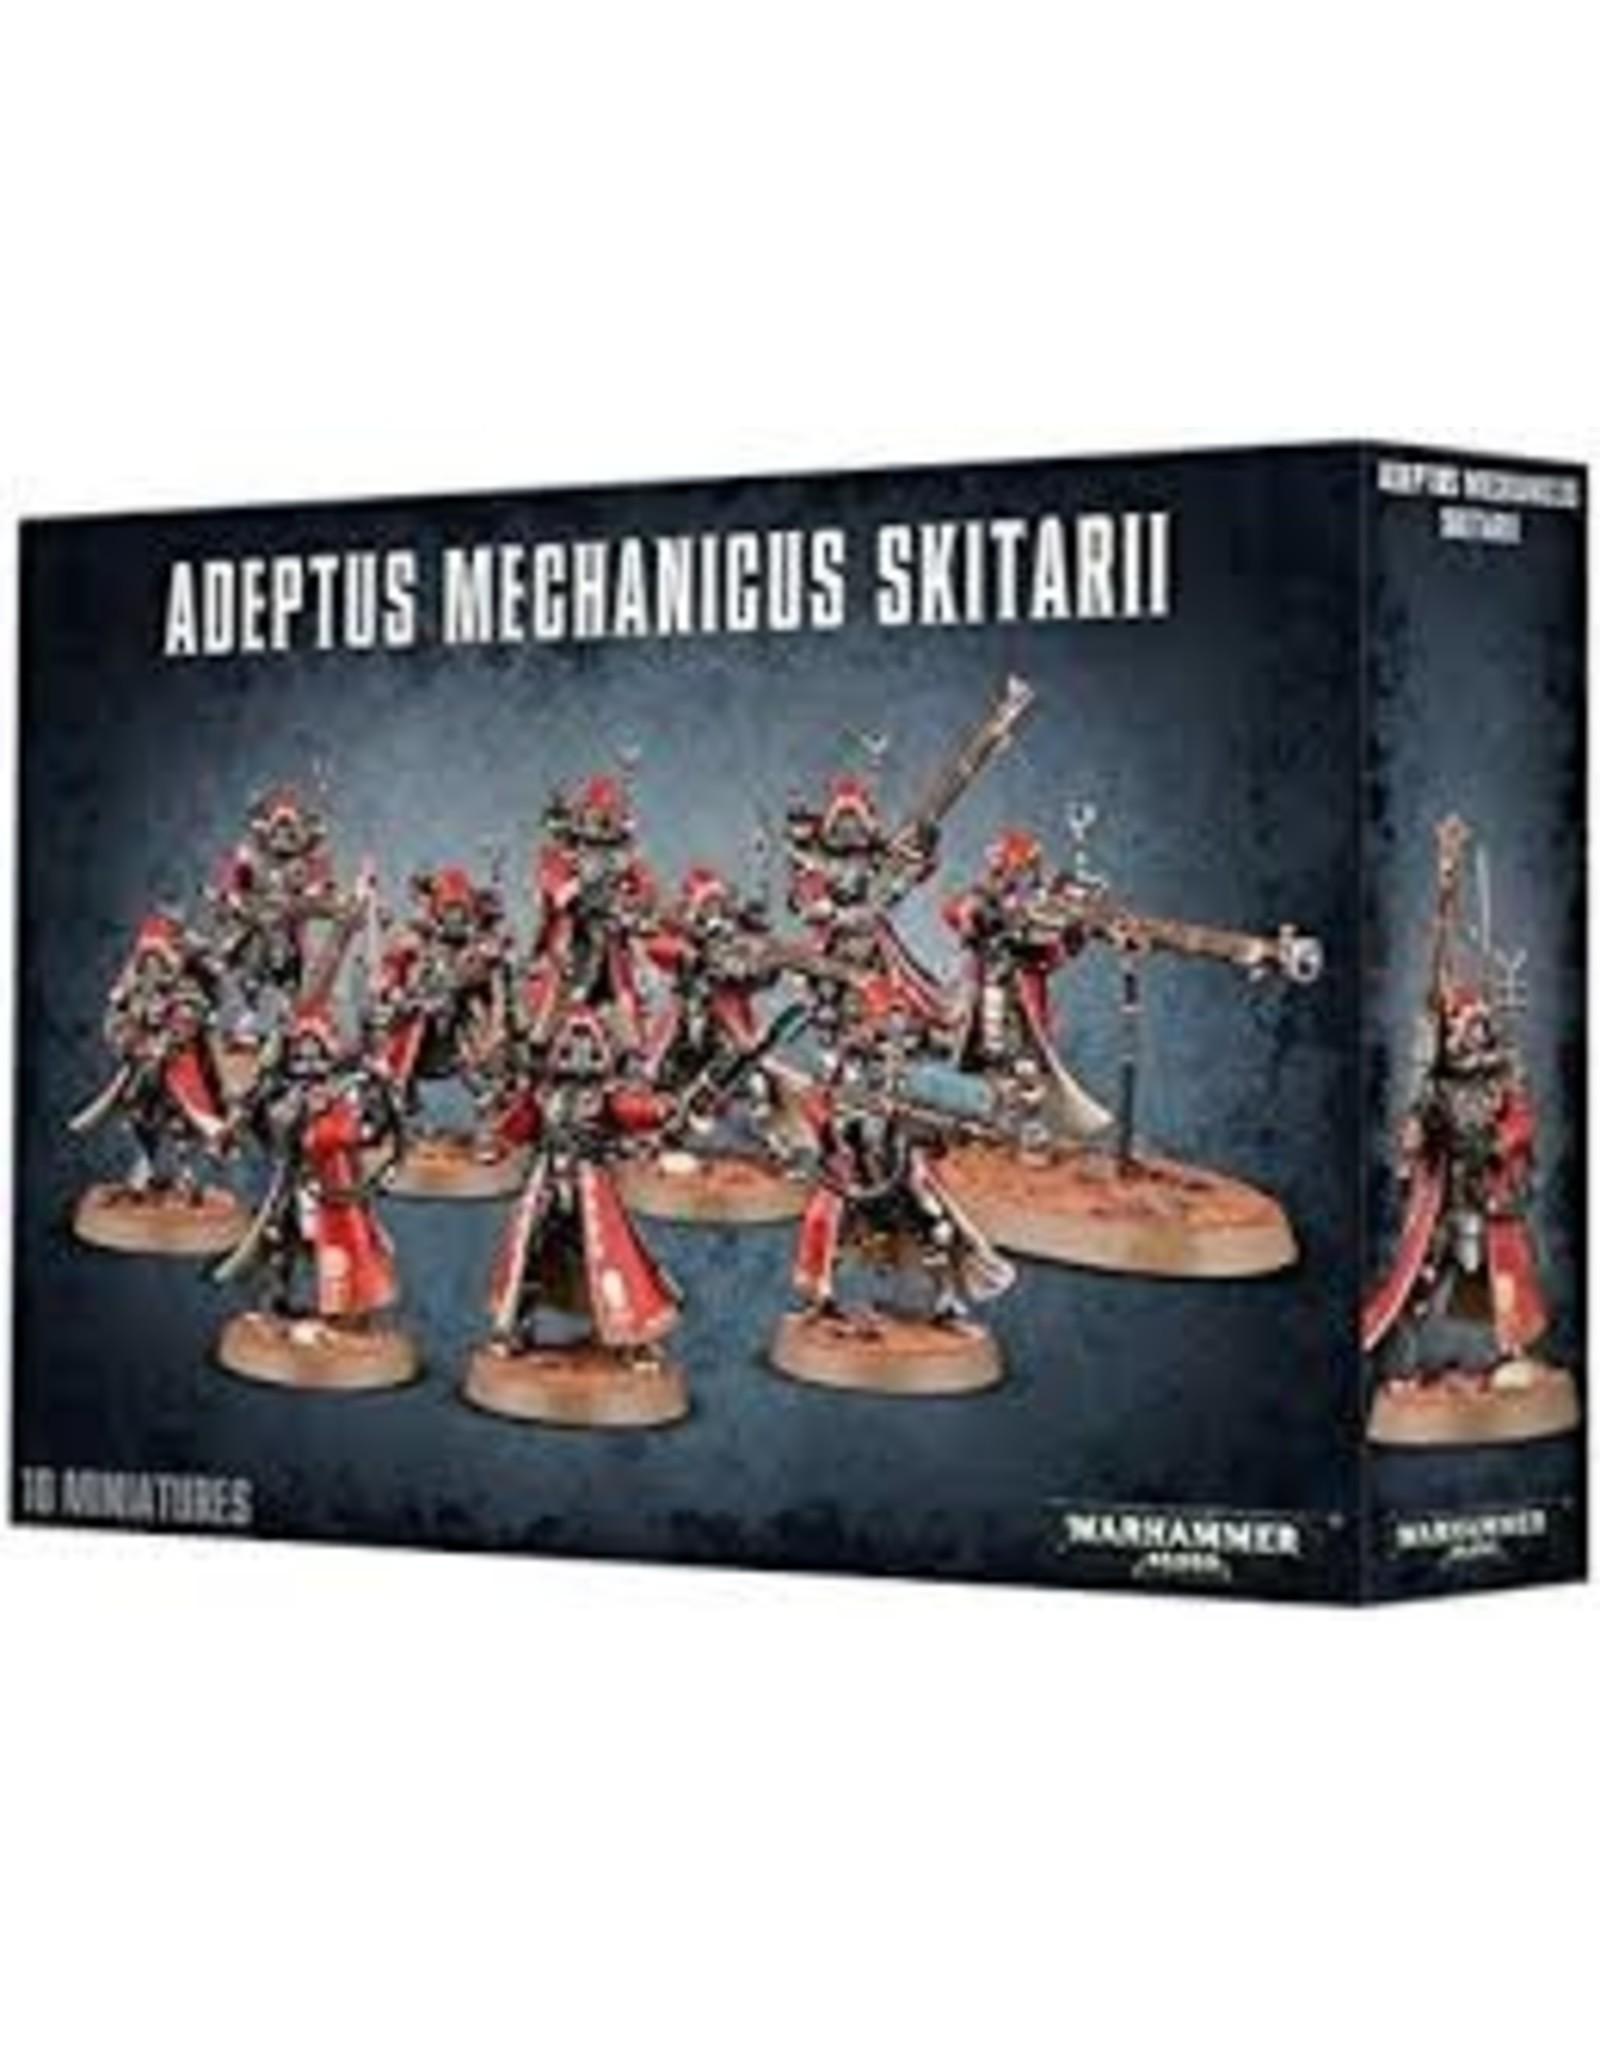 Warhammer 40K Adeptus Mechanicus Skitarii